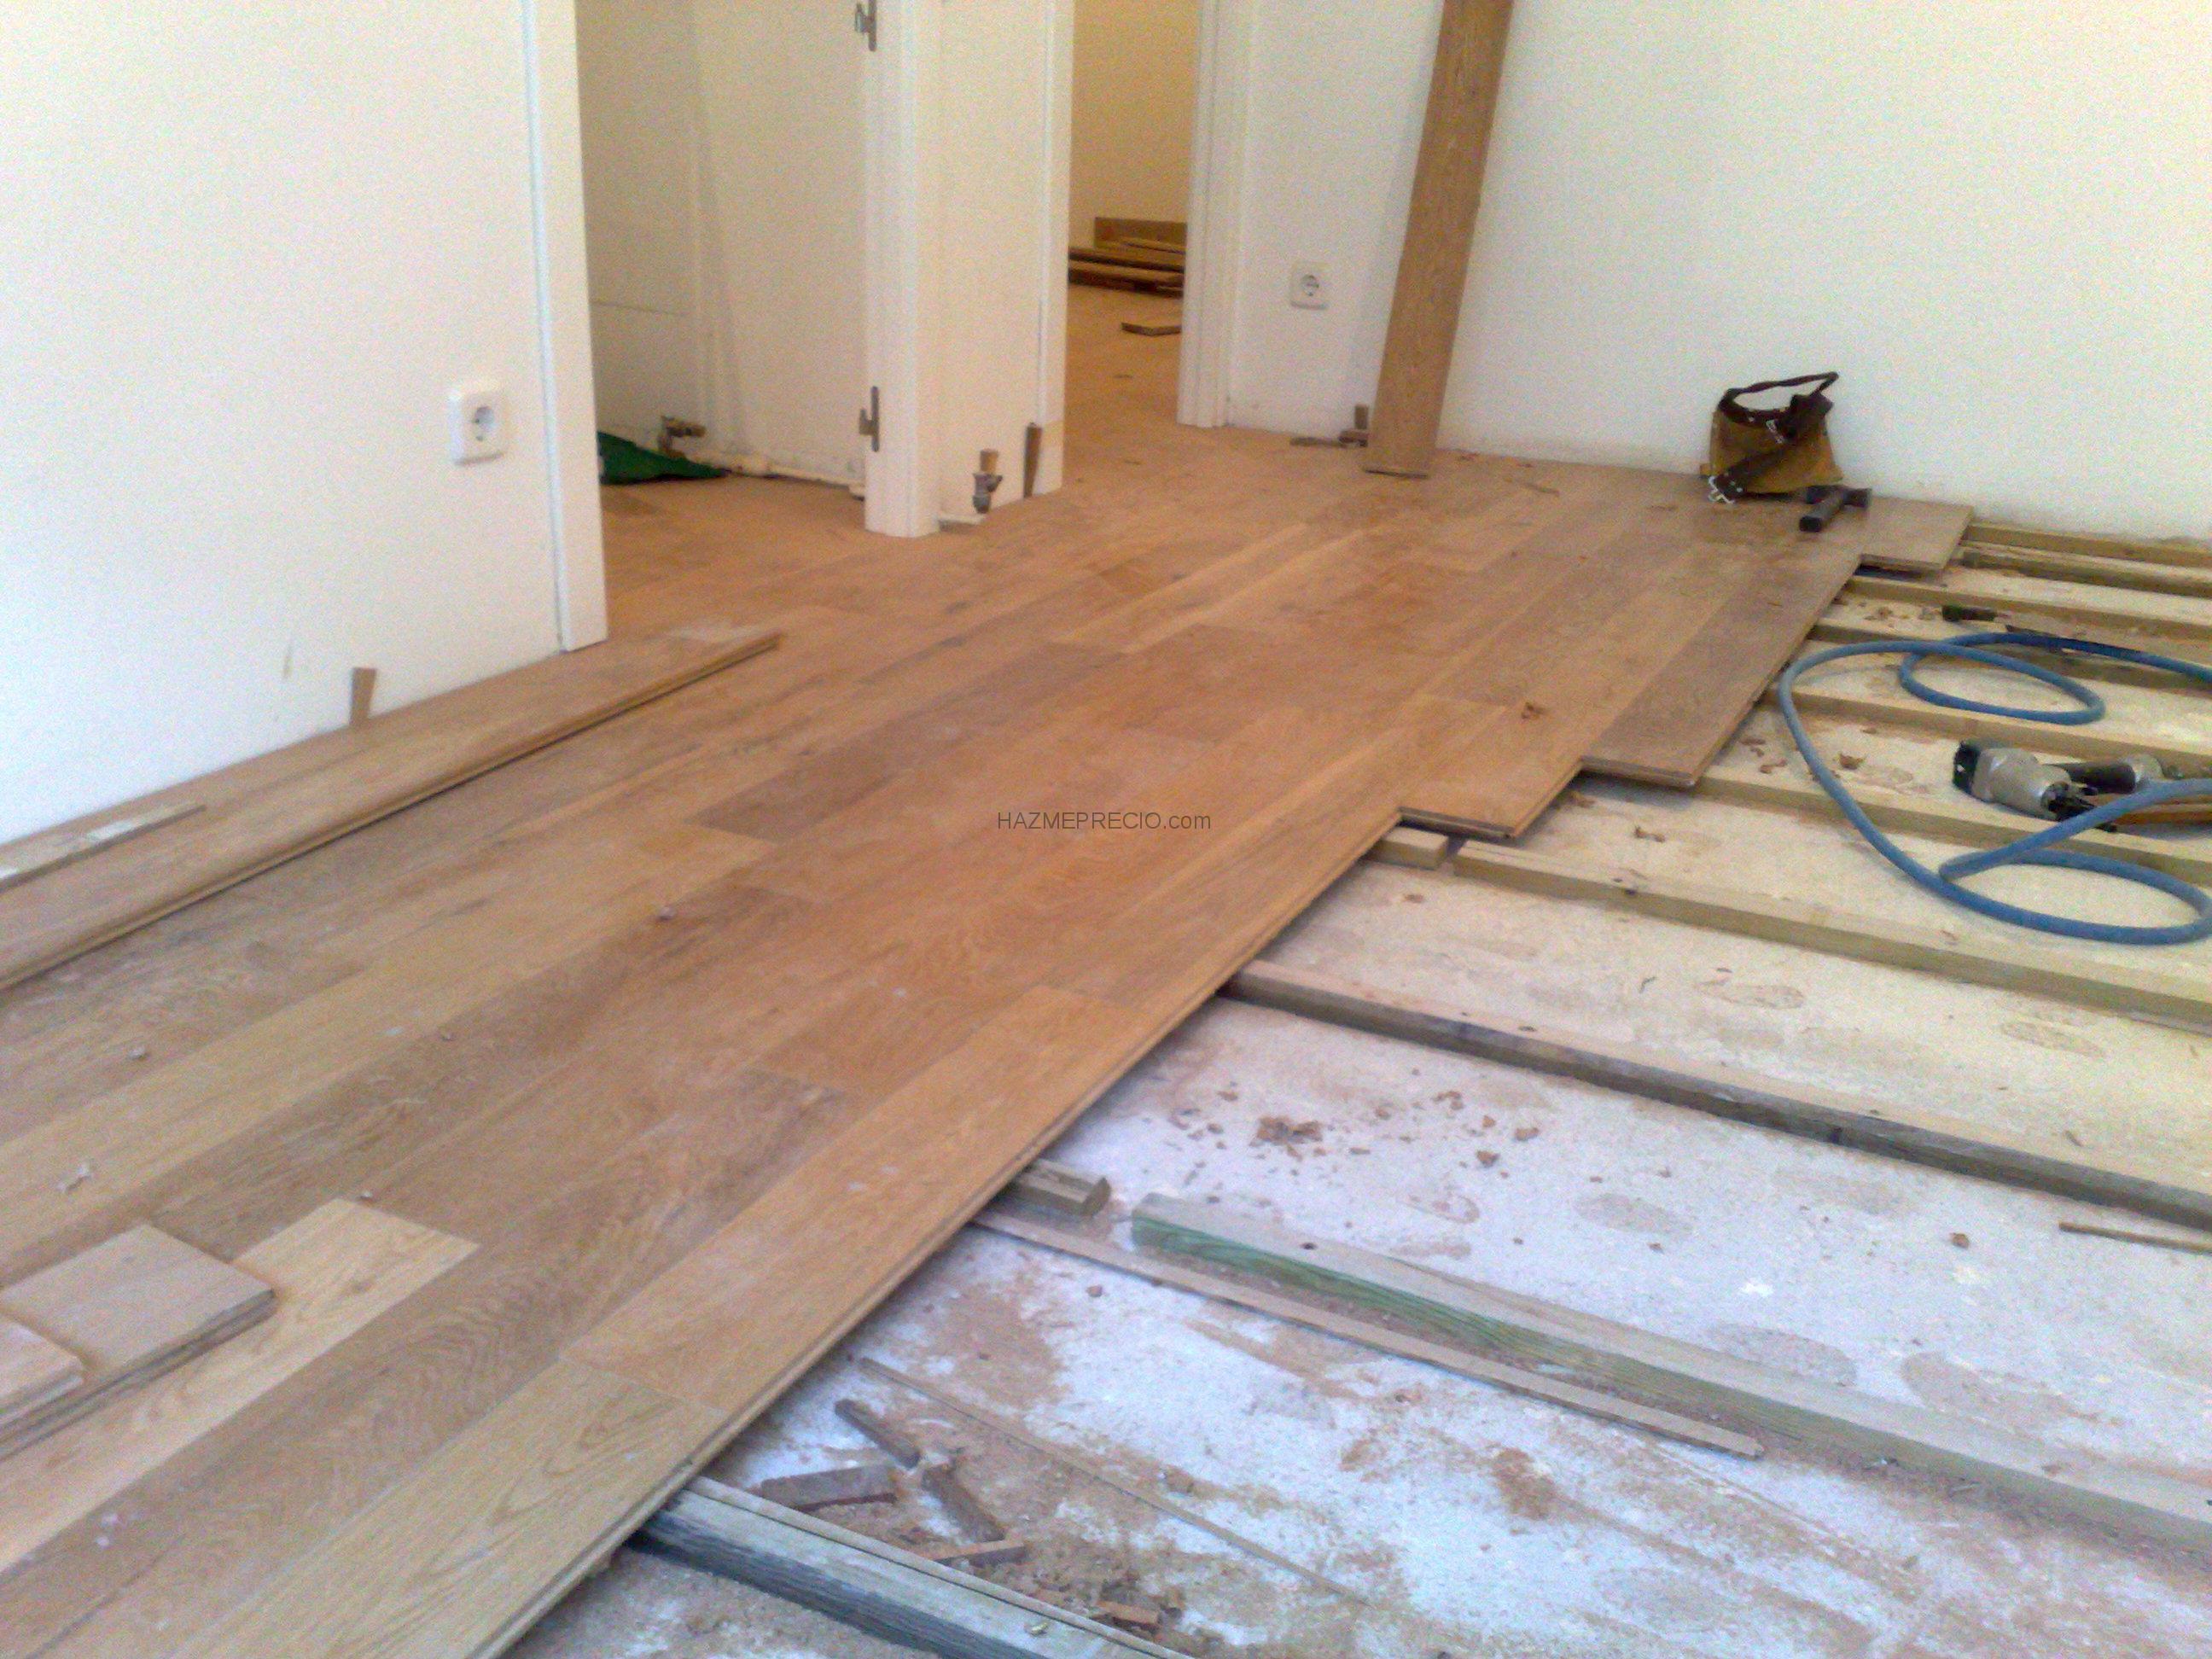 Jmartins pavimentos de madera 28905 getafe madrid - Precio colocar parquet ...